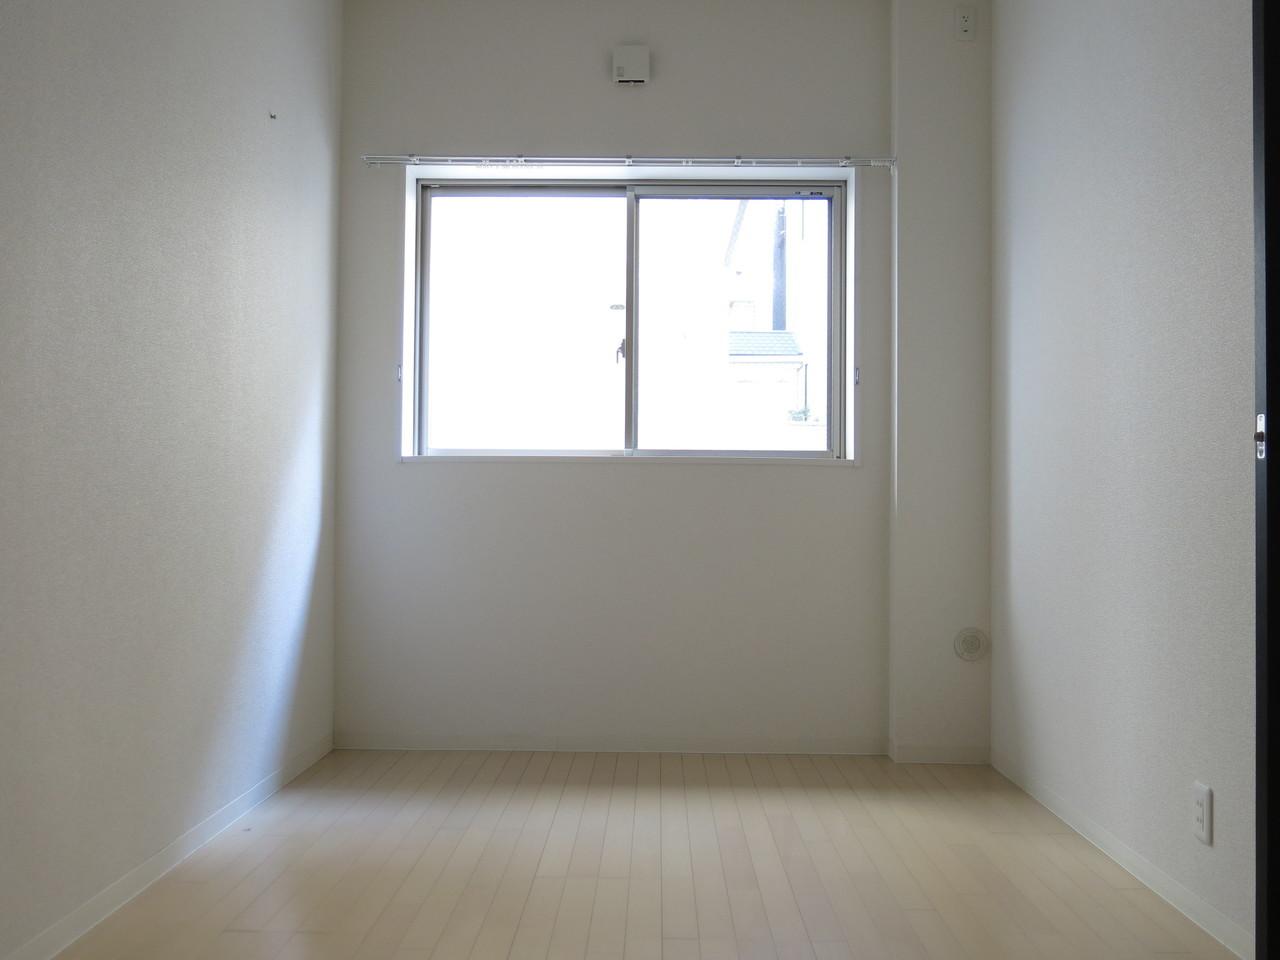 寝室となるもう一つのお部屋も6畳あって、広さは十分。ダブルベッドも置くことができそうです。寝室にはクローゼットもちゃんとありますよ。キッチンといい、リビングの広さといい、新婚さんの新生活にぜひおすすめしたい物件です。